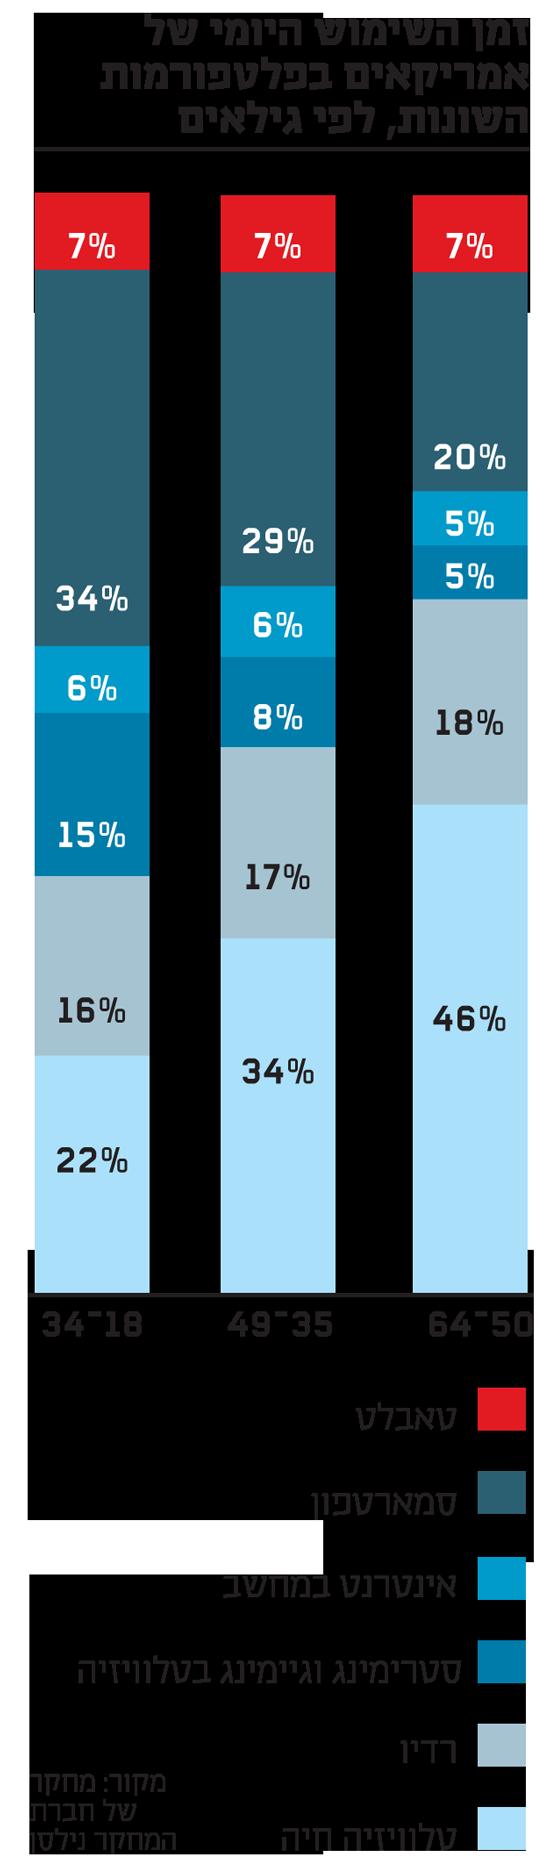 זמן השימוש היומי של אמריקאים בפלטפורמות השונות, לפי גילאים